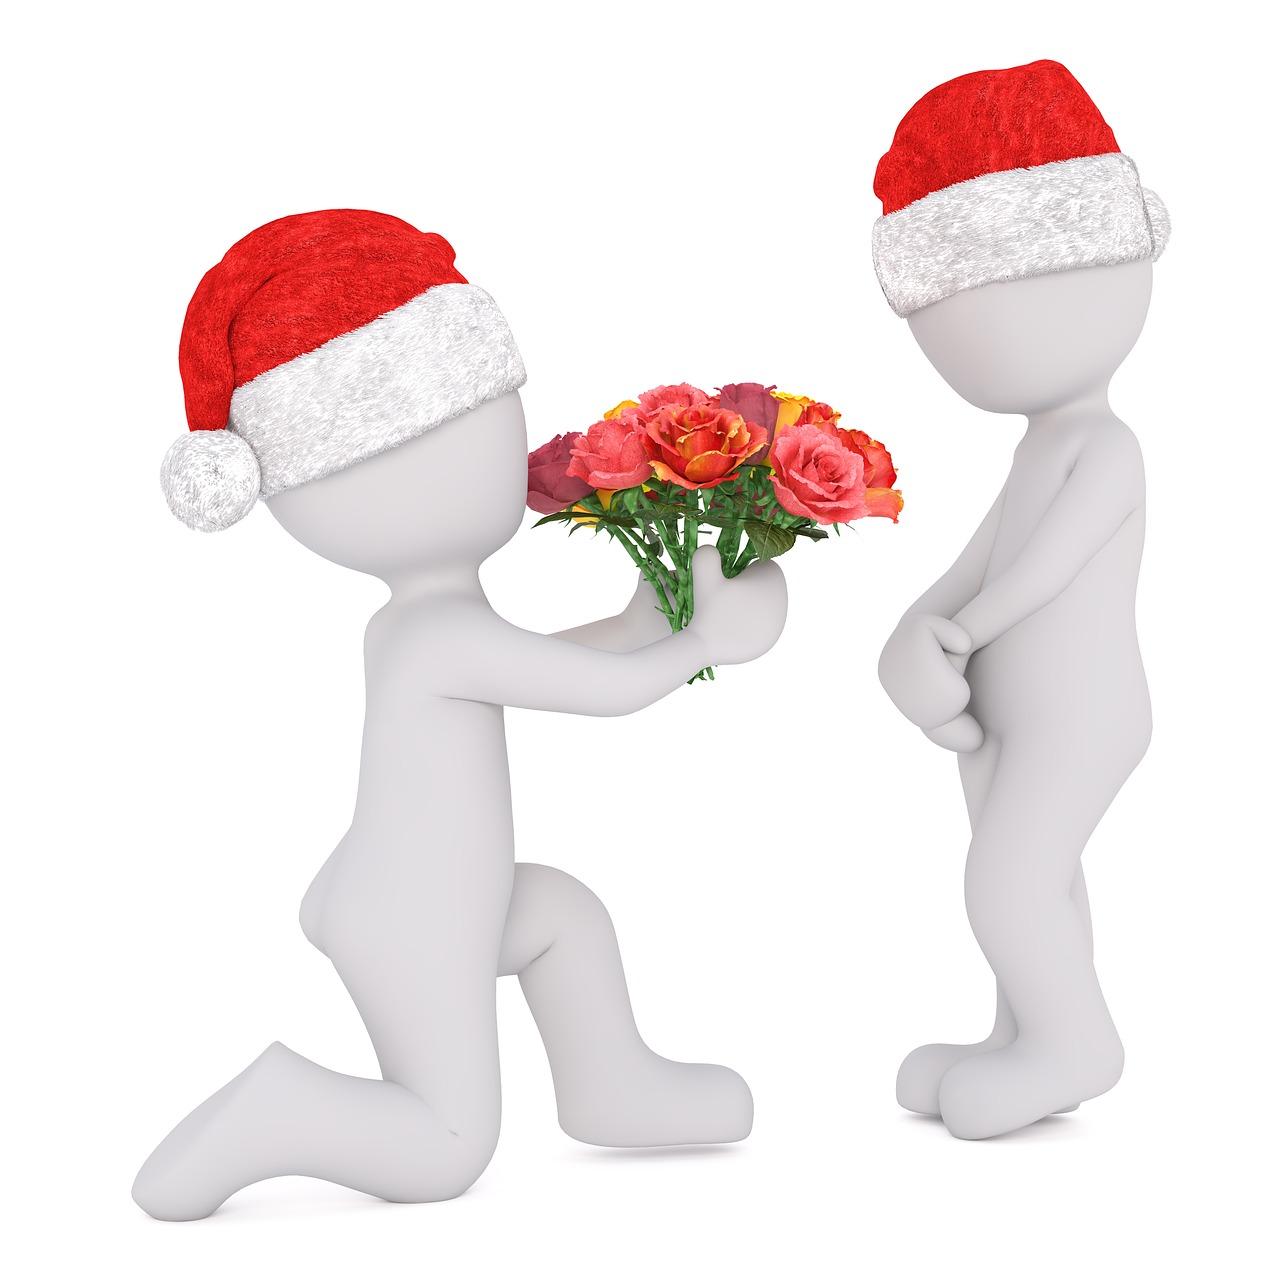 婚約 1512103920 - よくある質問